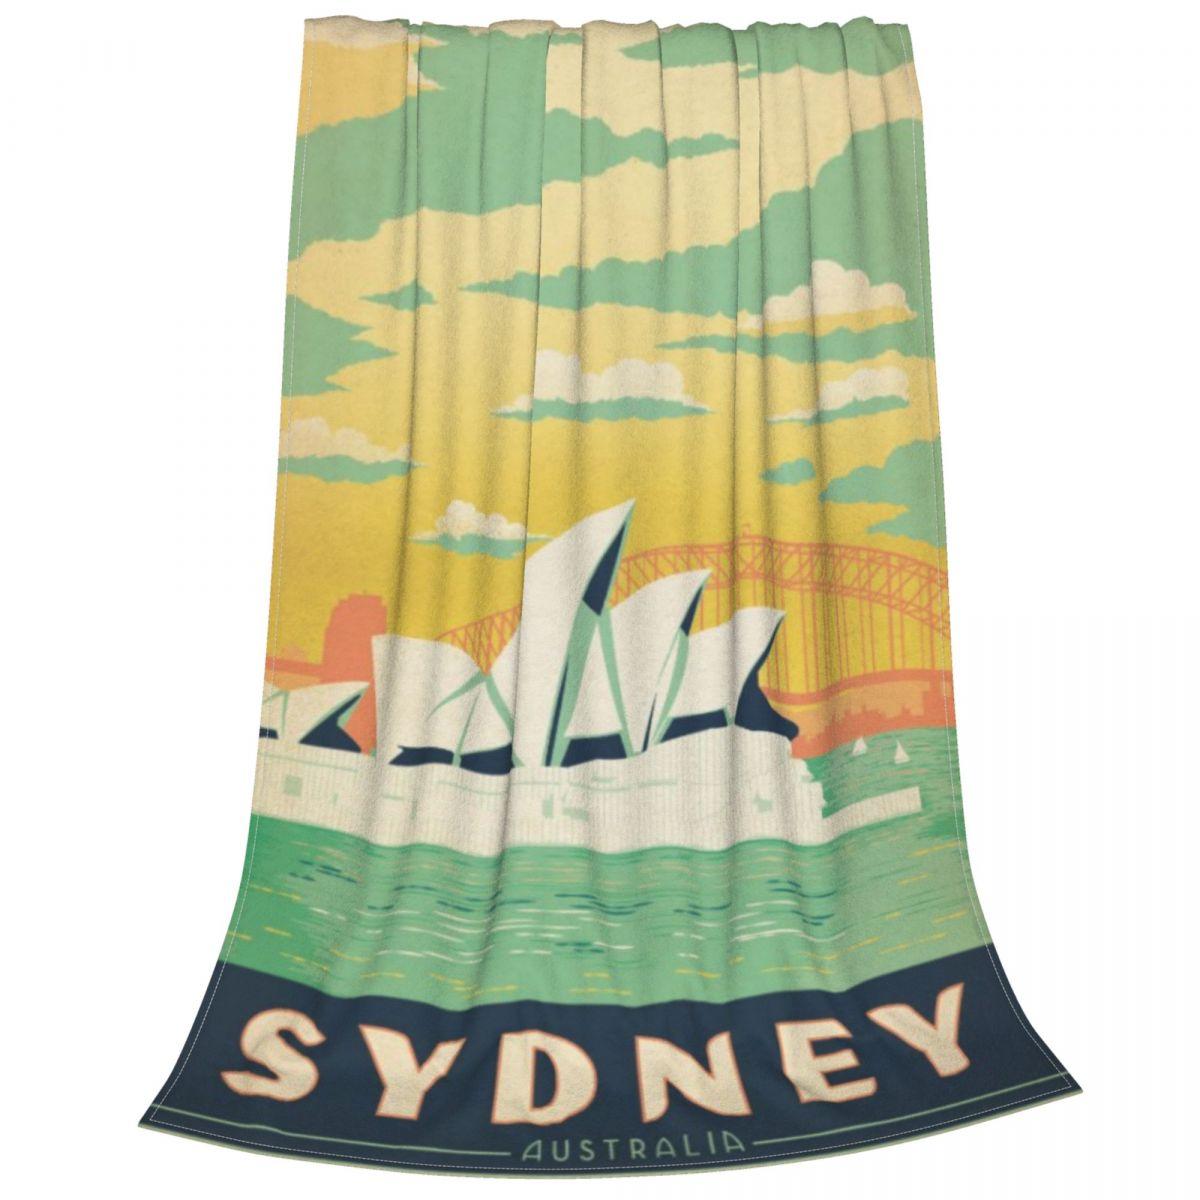 سيدني أستراليا صوف ليف دقيق بطانية الترا لينة رمي بطانية دافئة خفيفة الوزن الفانيلا بطانية ل أريكة أريكة سرير مكتب